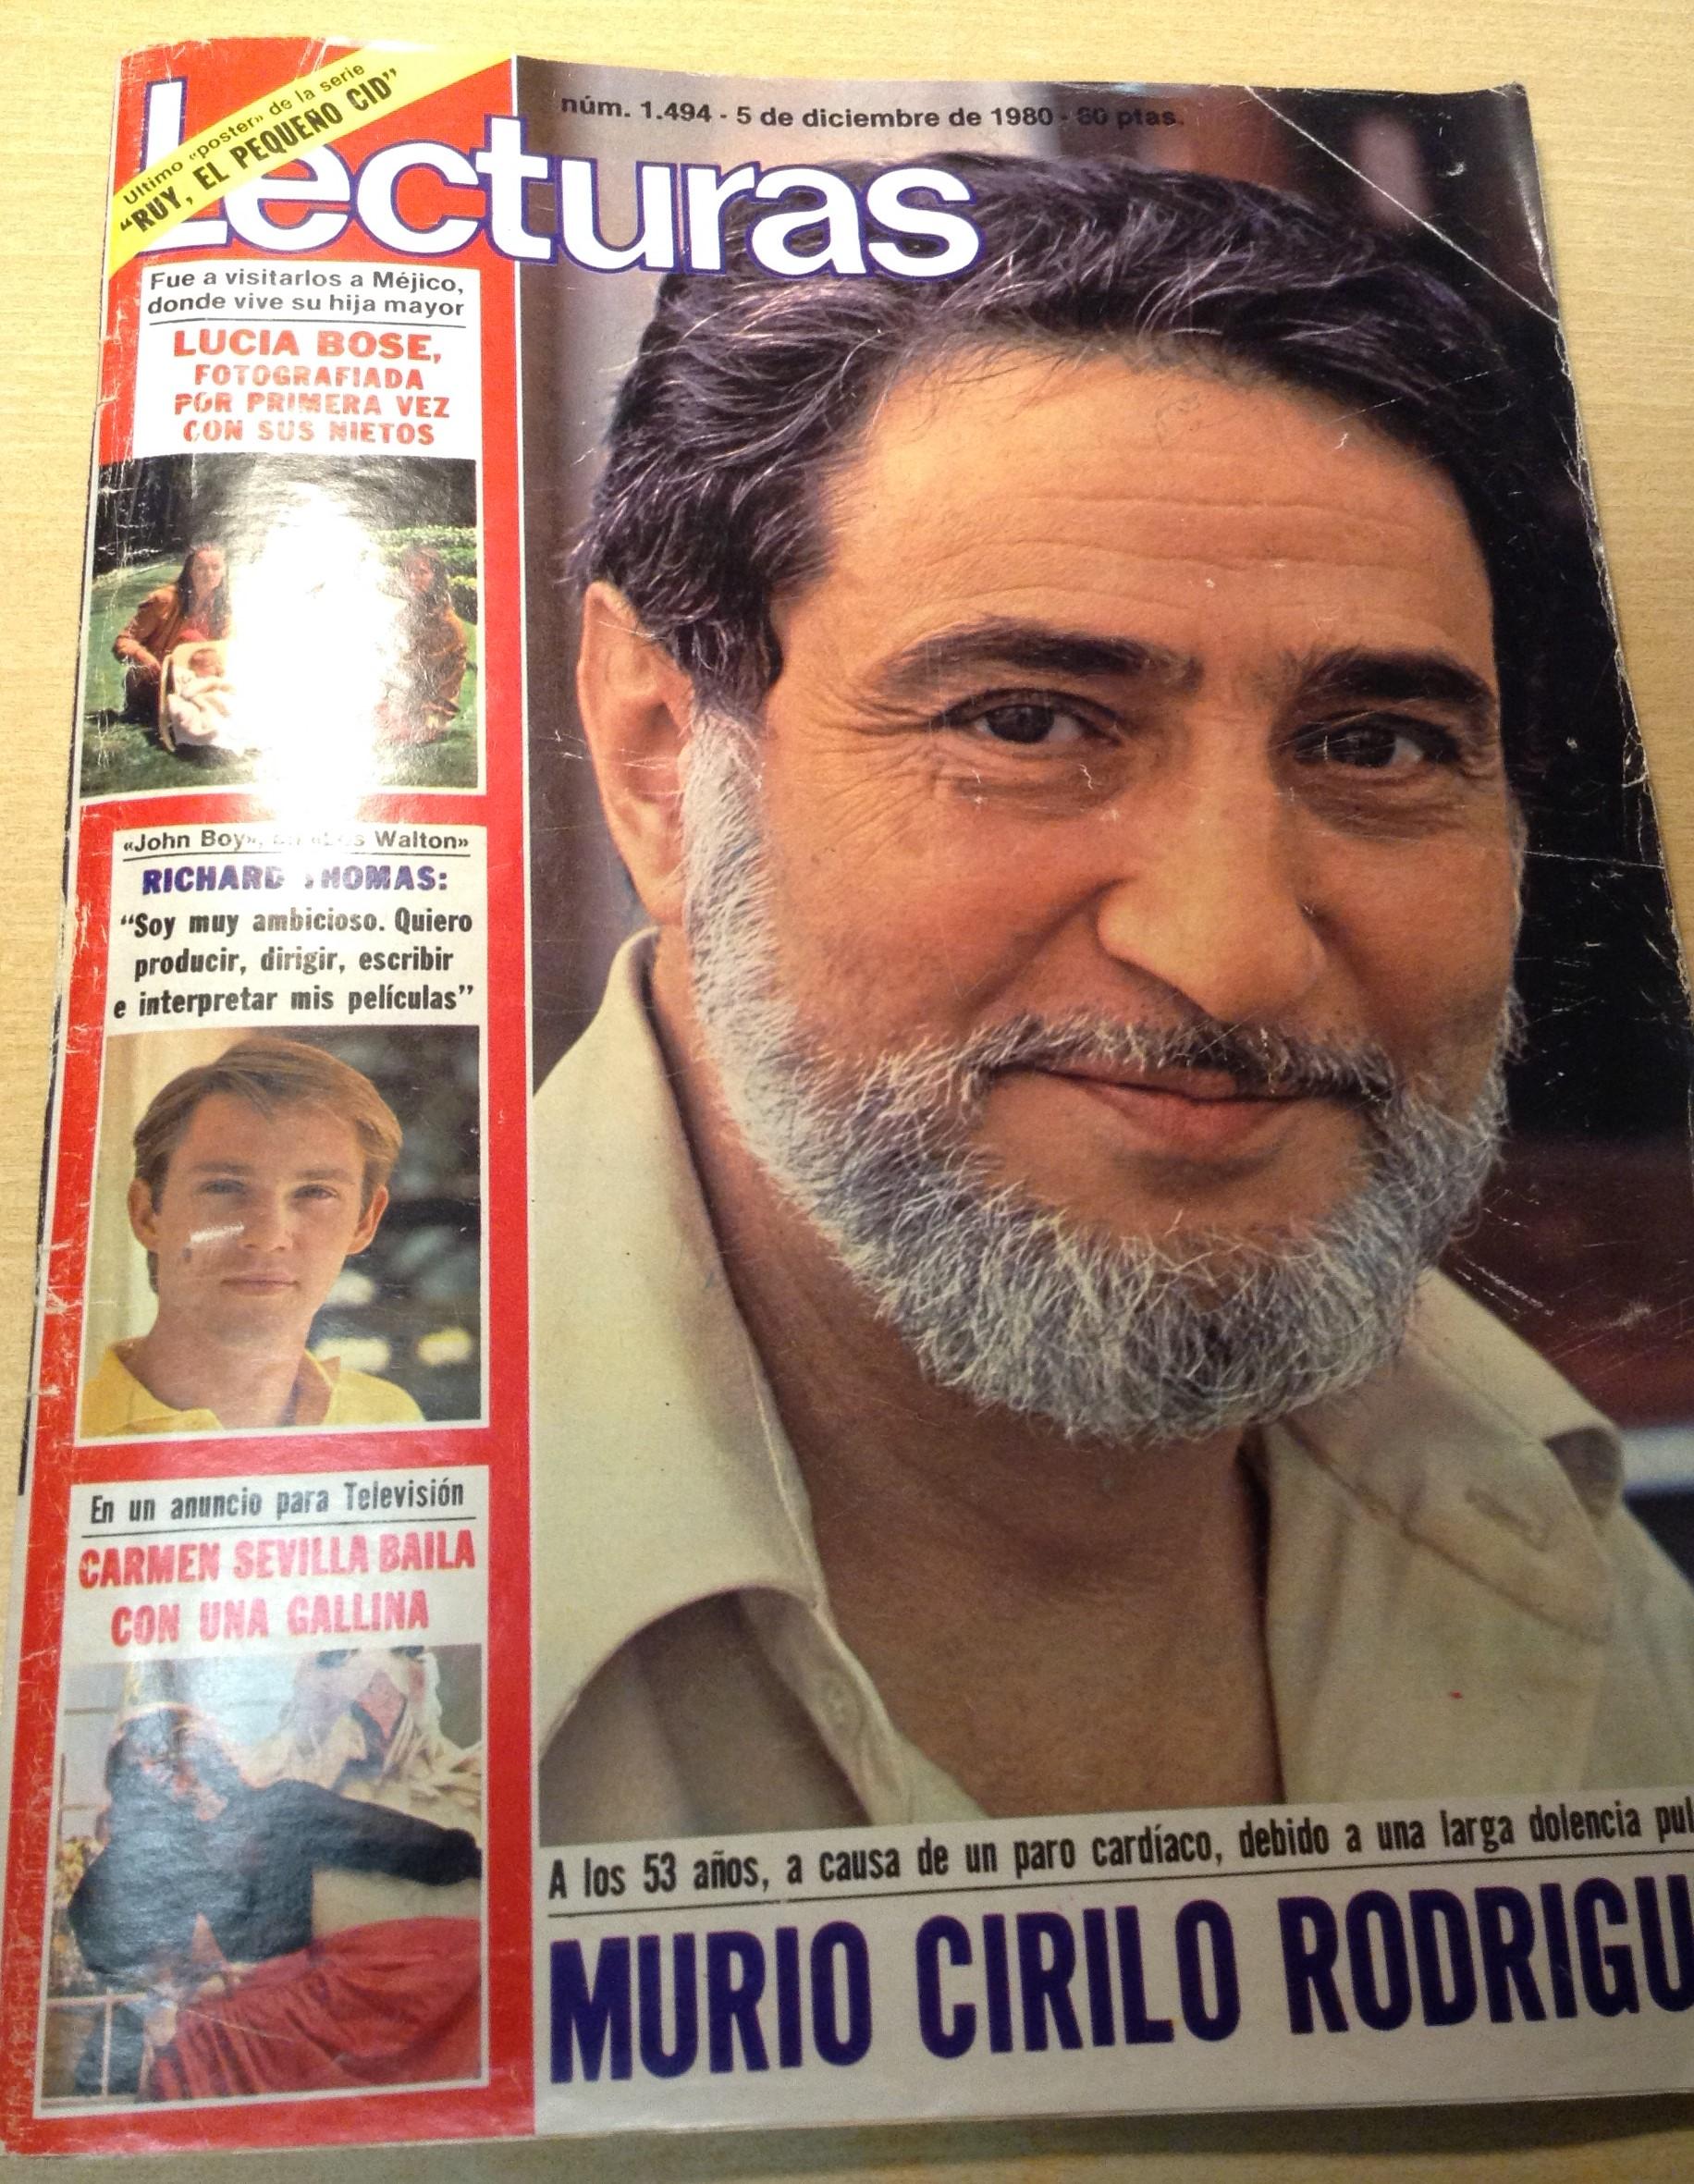 portada-de-lecturas-5-dic-1980